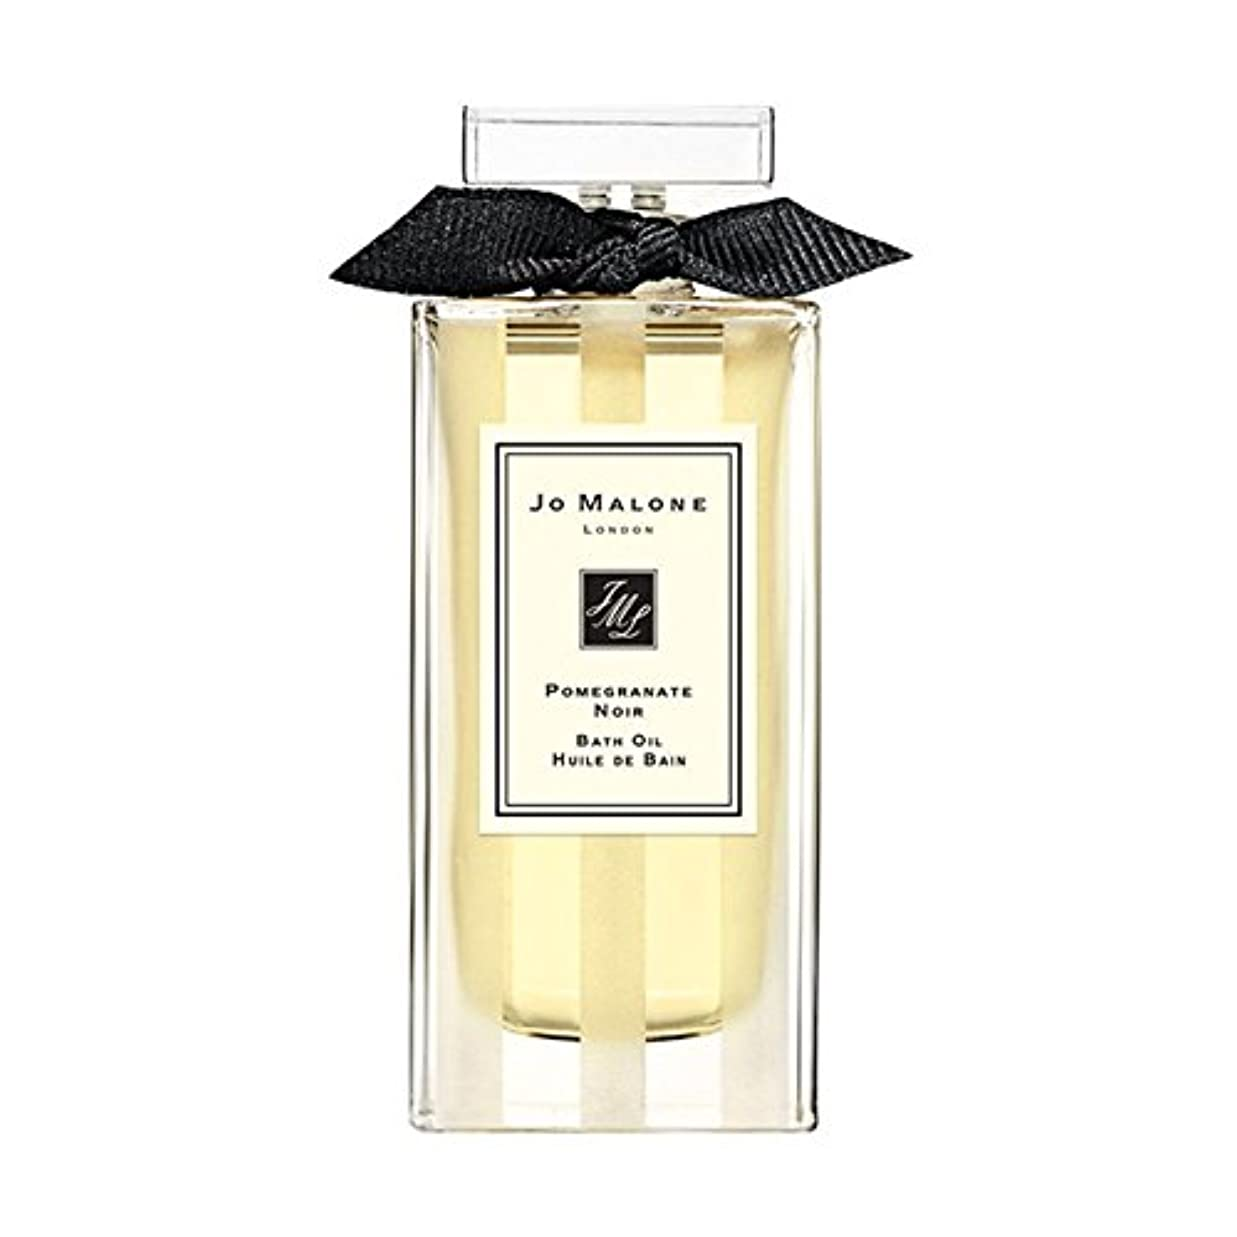 砦舞い上がる黒人Jo Malone ジョーマローン, バスオイル -ザクロ?ノワール (30ml),'Pomegranate Noir' Bath Oil (1oz) [海外直送品] [並行輸入品]